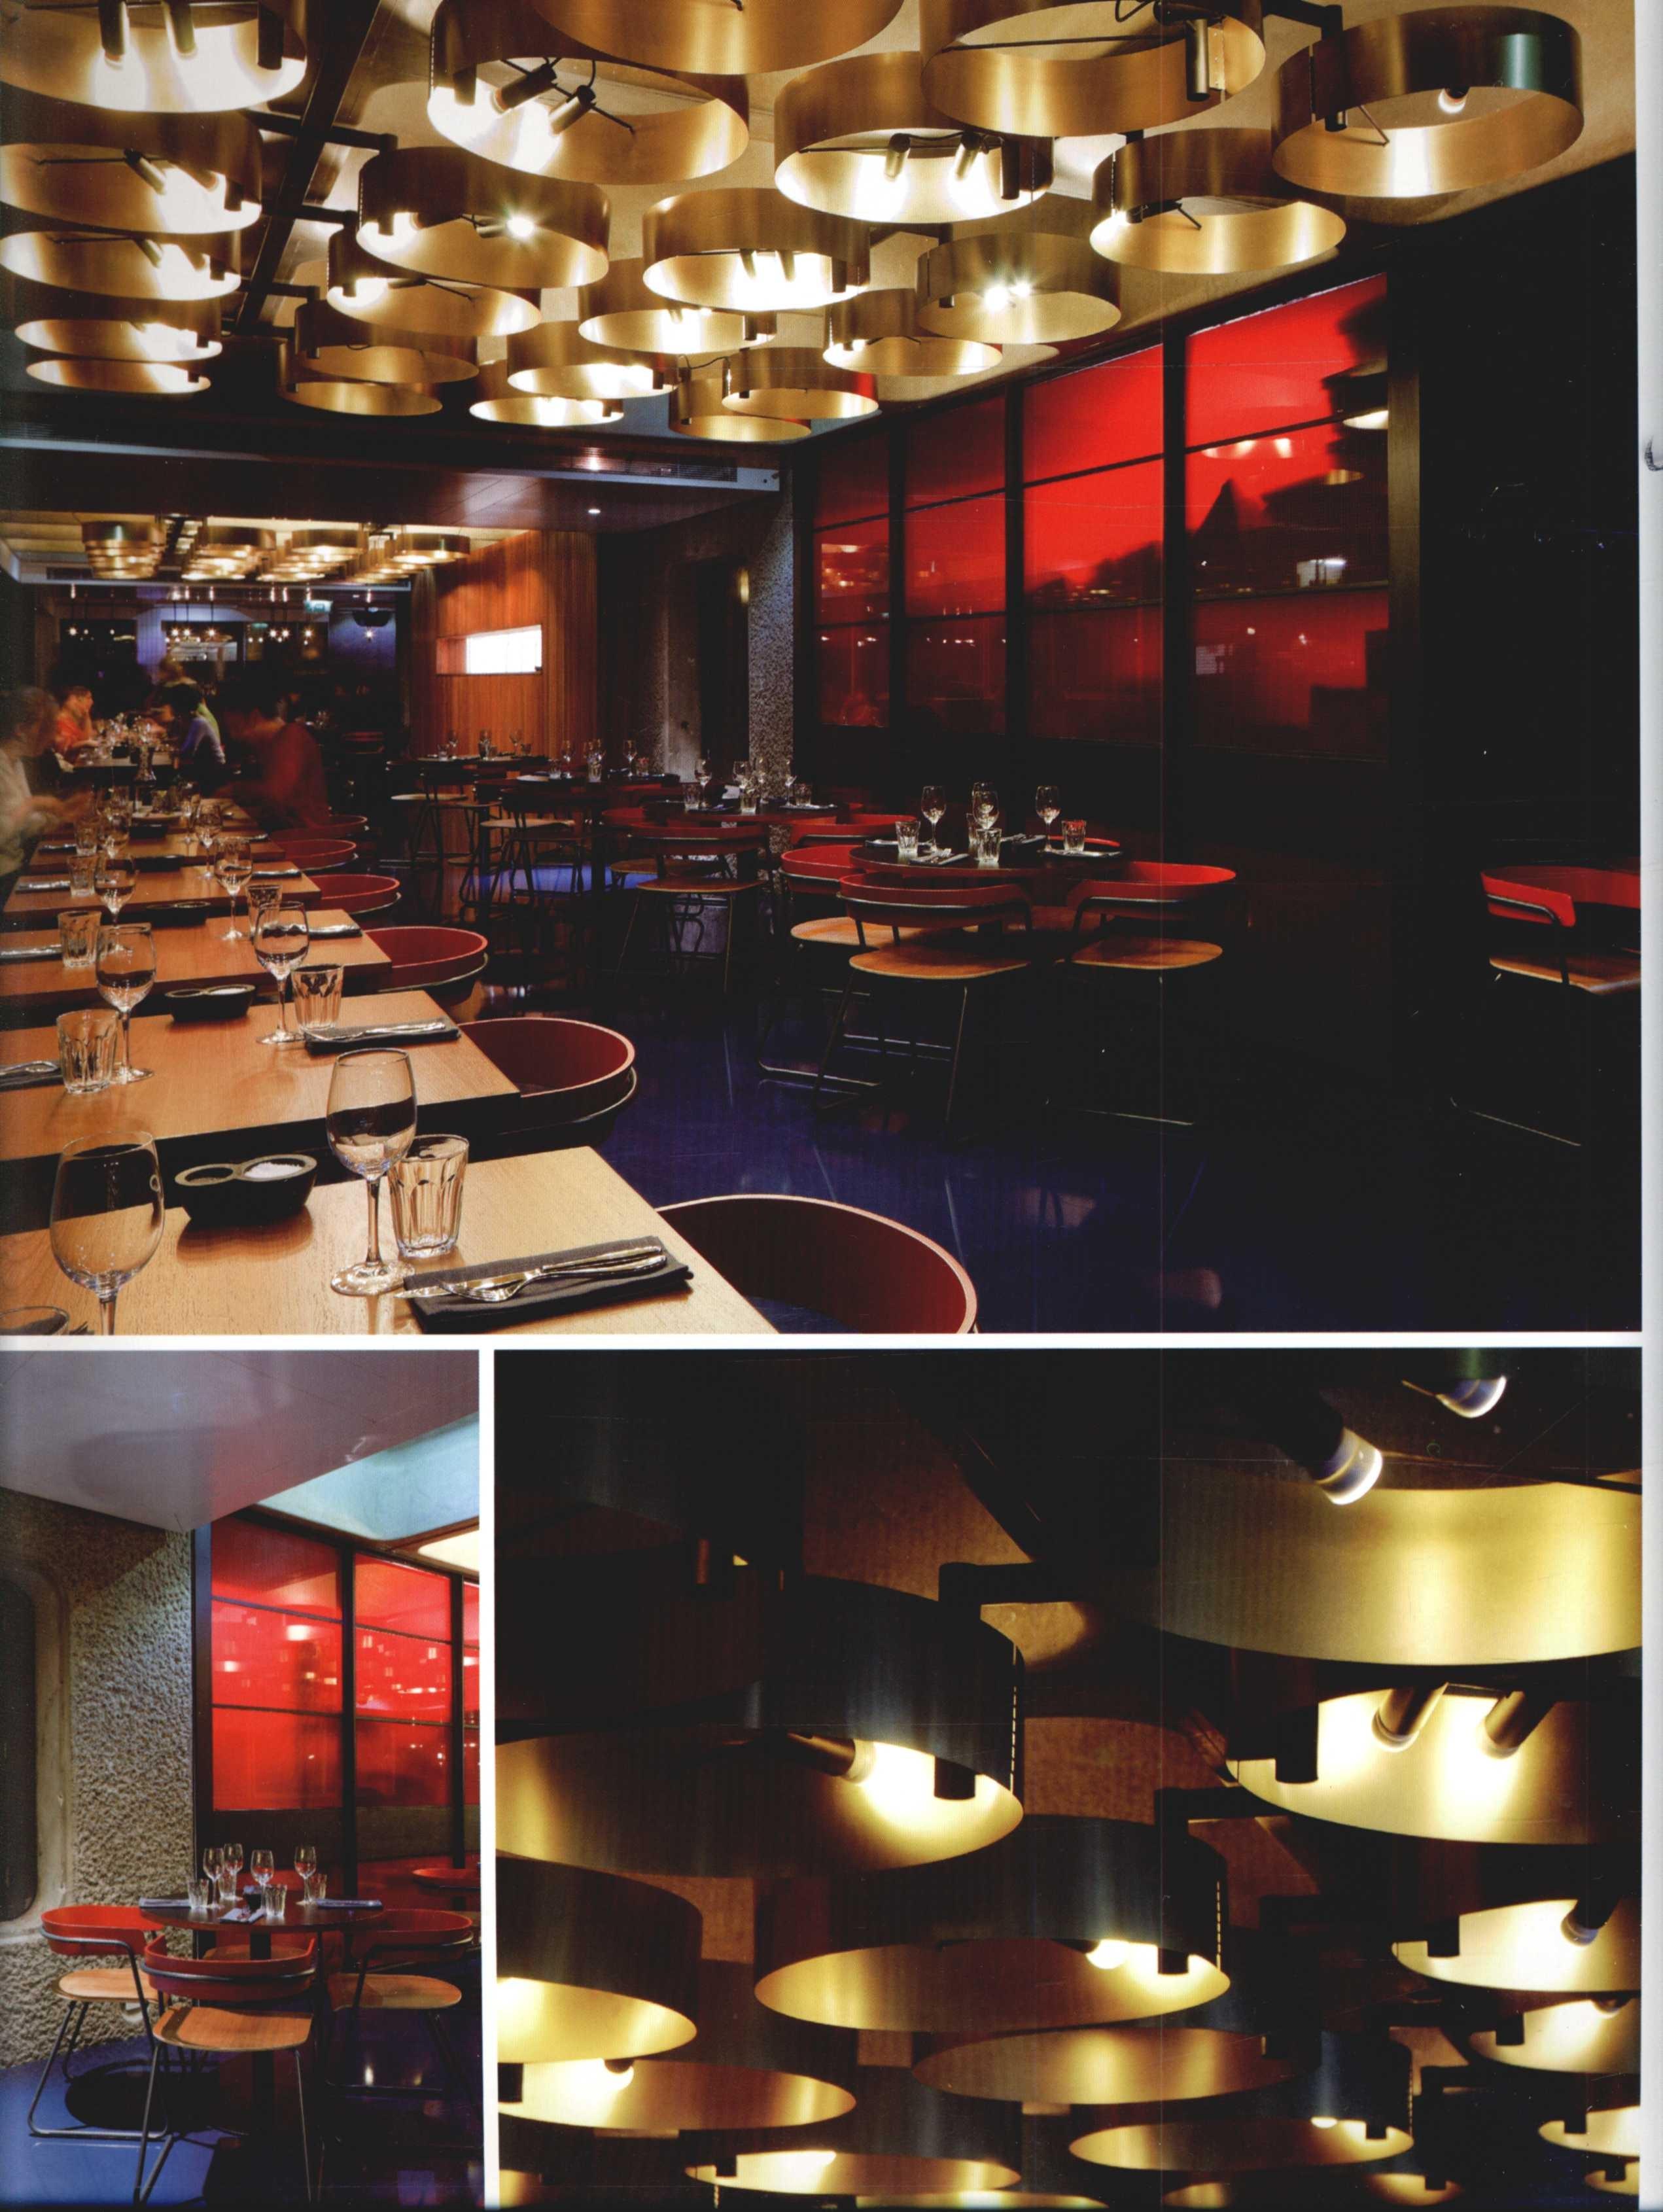 2012全球室内设计年鉴  餐饮_Page_020.jpg